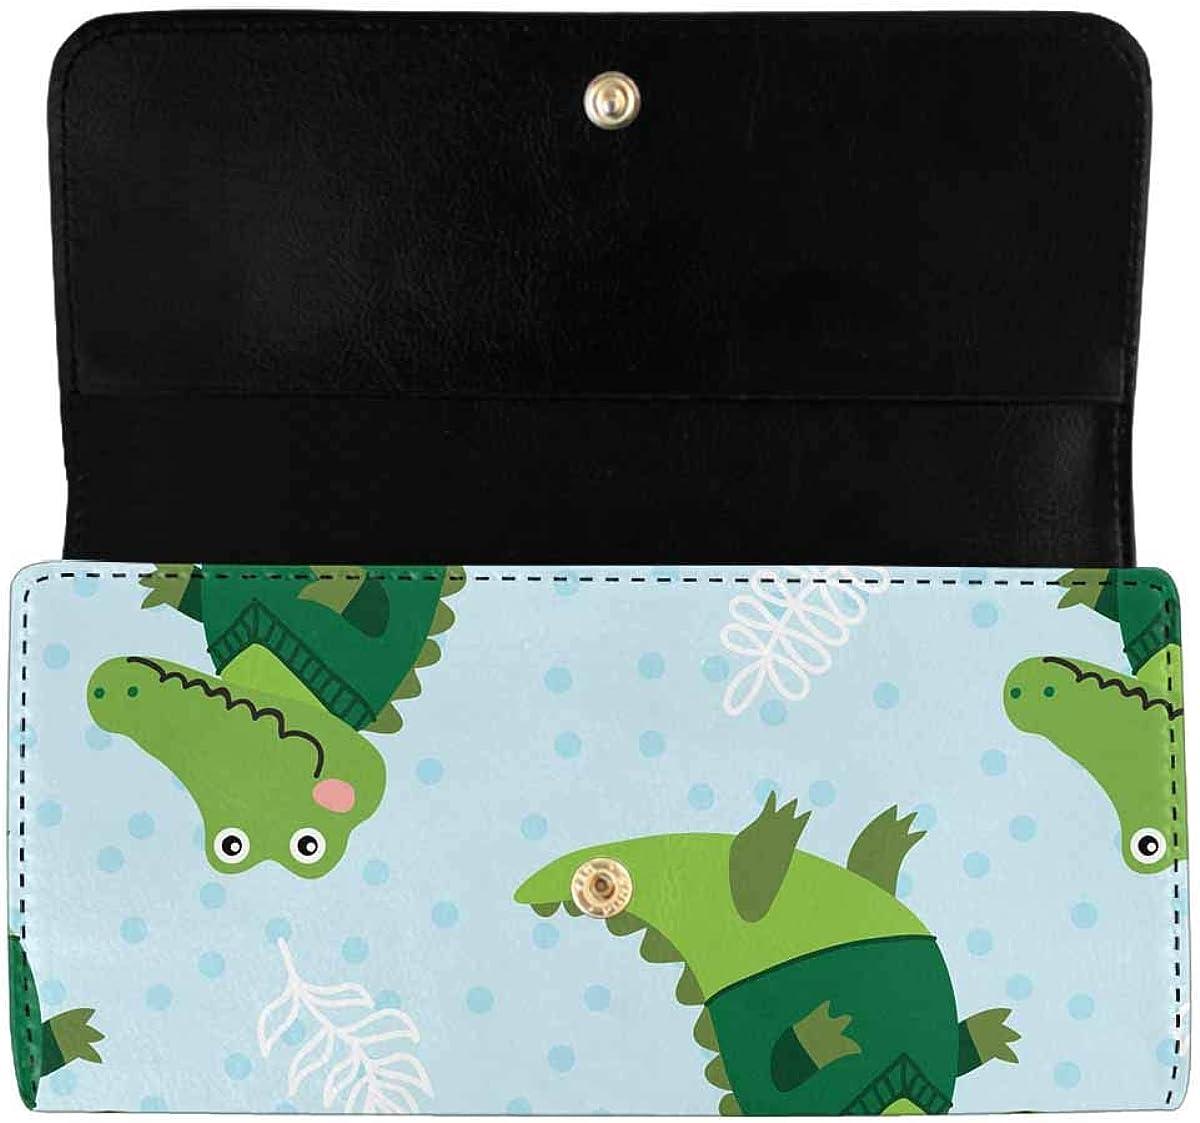 INTERESTPRINT Women's Trifold Clutch Wallets Cute Cartoon Air Pattern Card Holder Purses Handbags